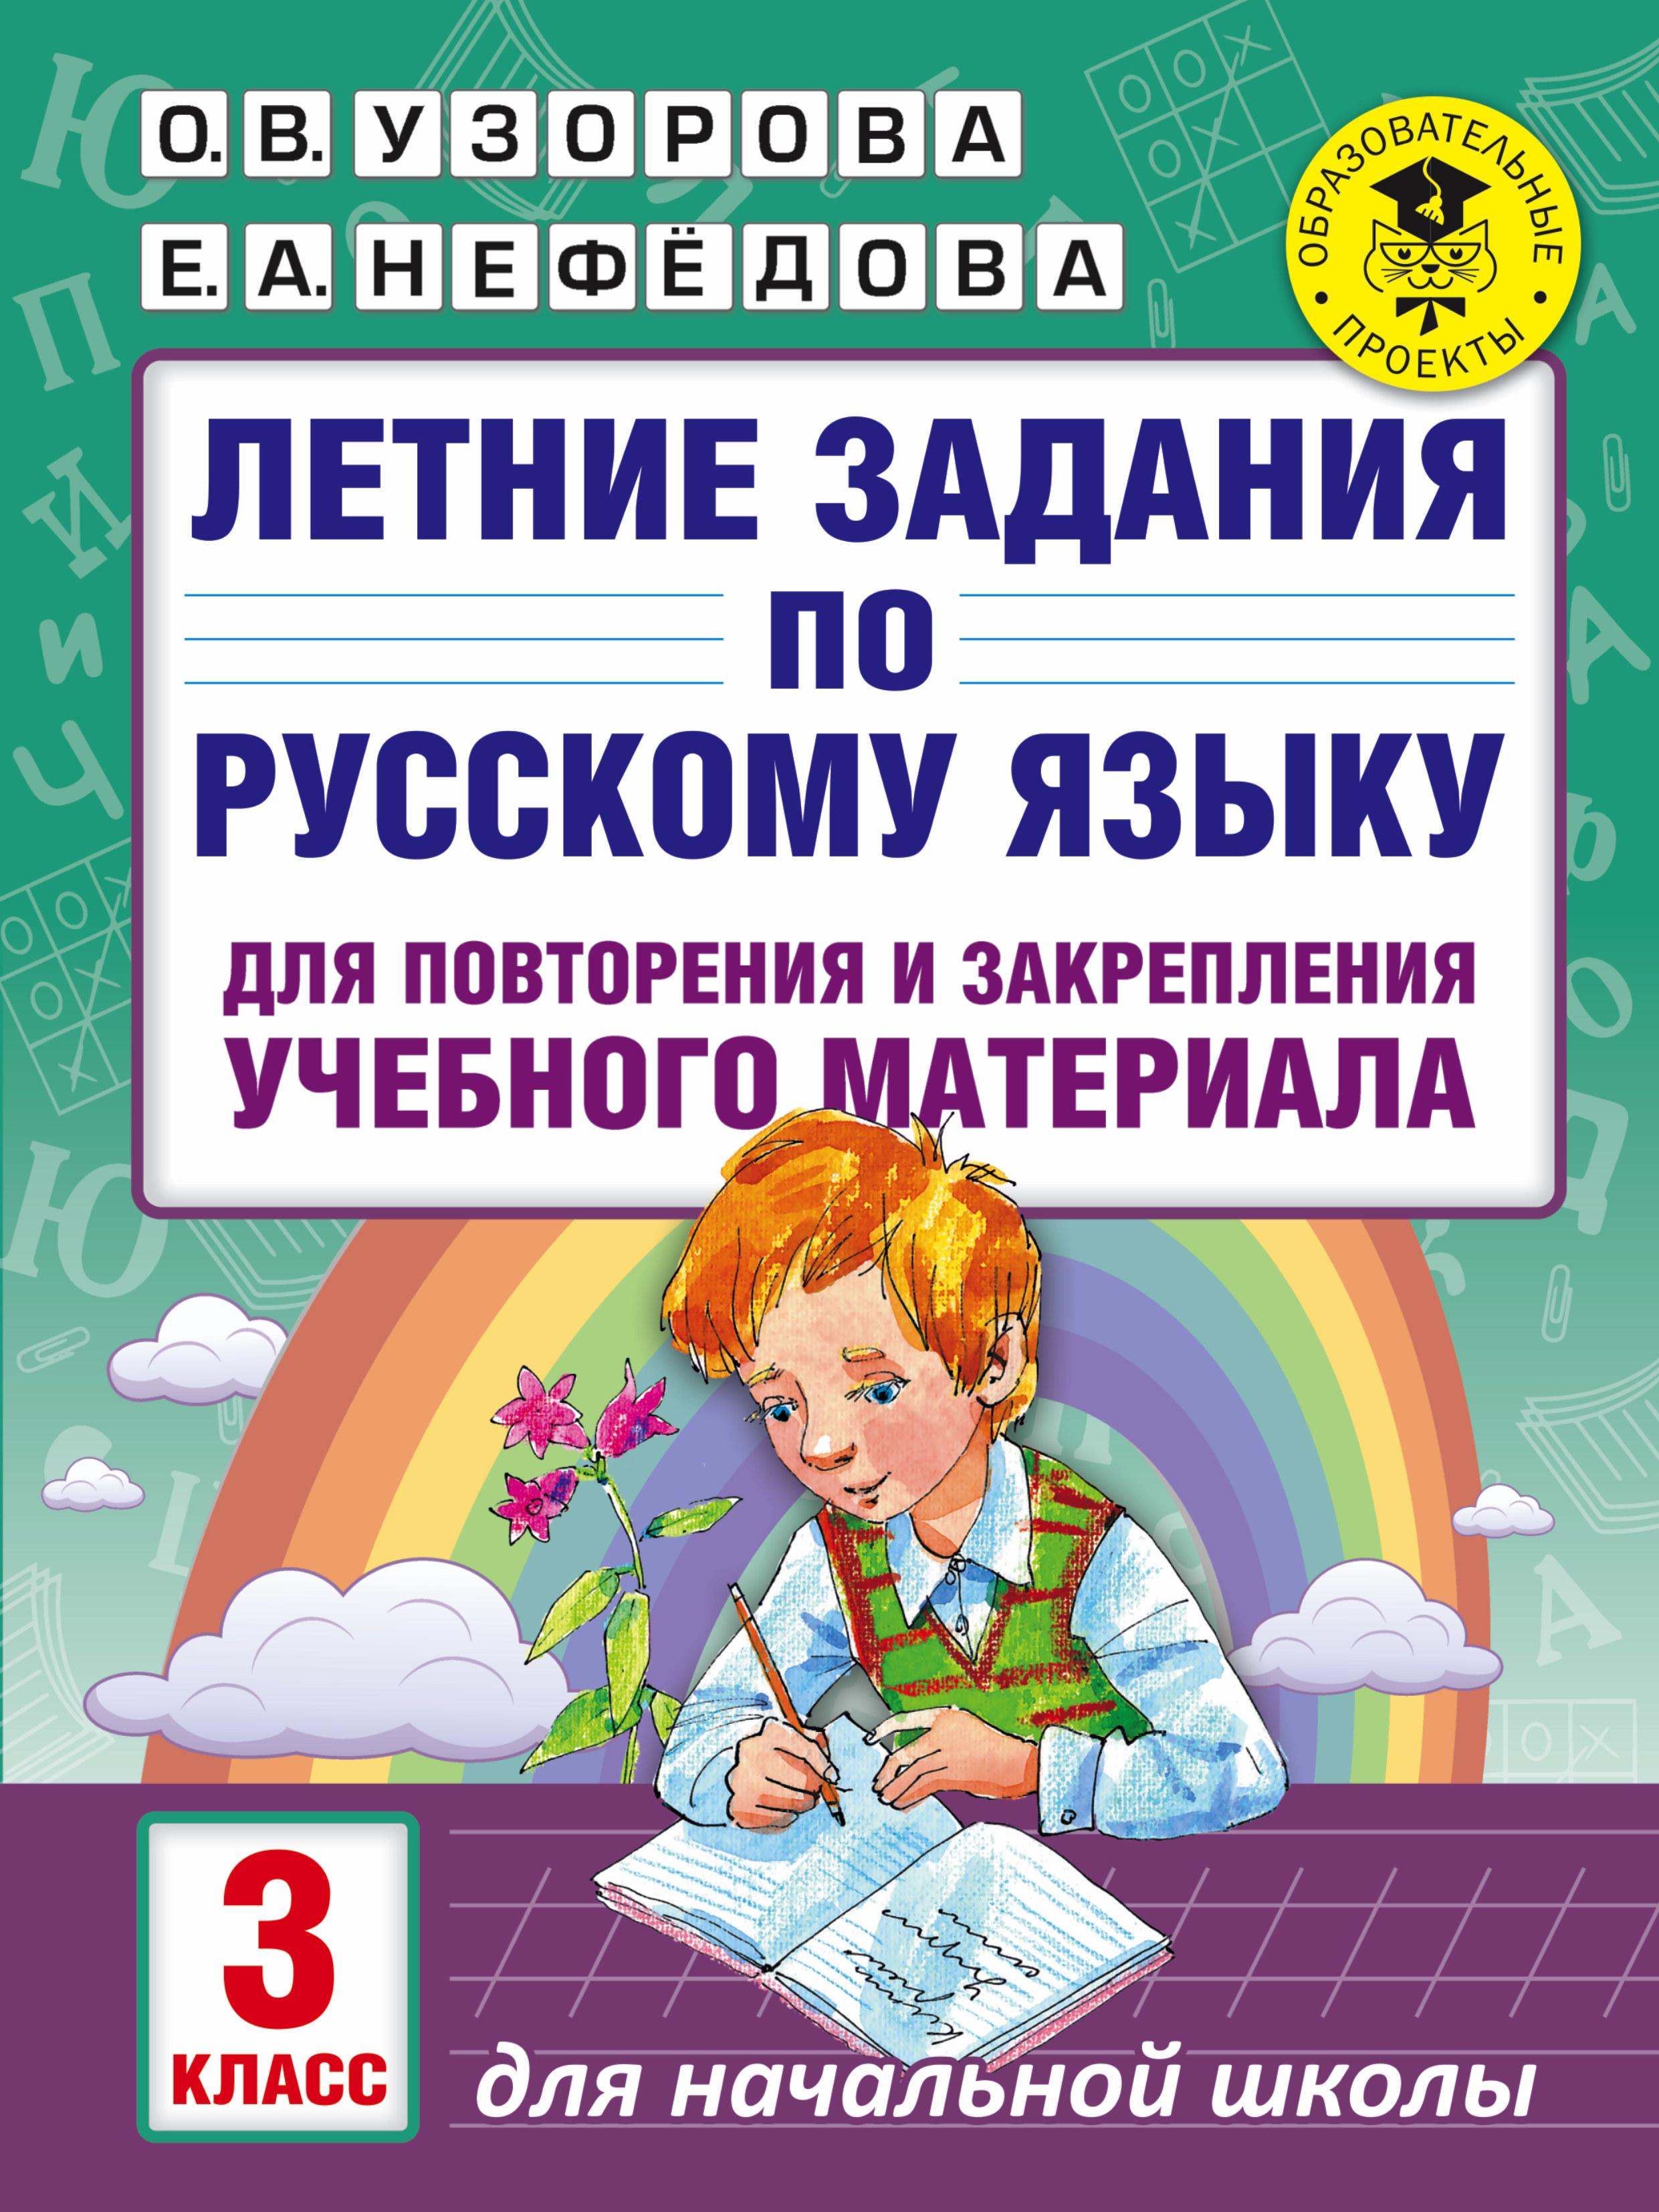 Летние задания по русскому языку  повторения и закрепления учеб. материала. 3 кл